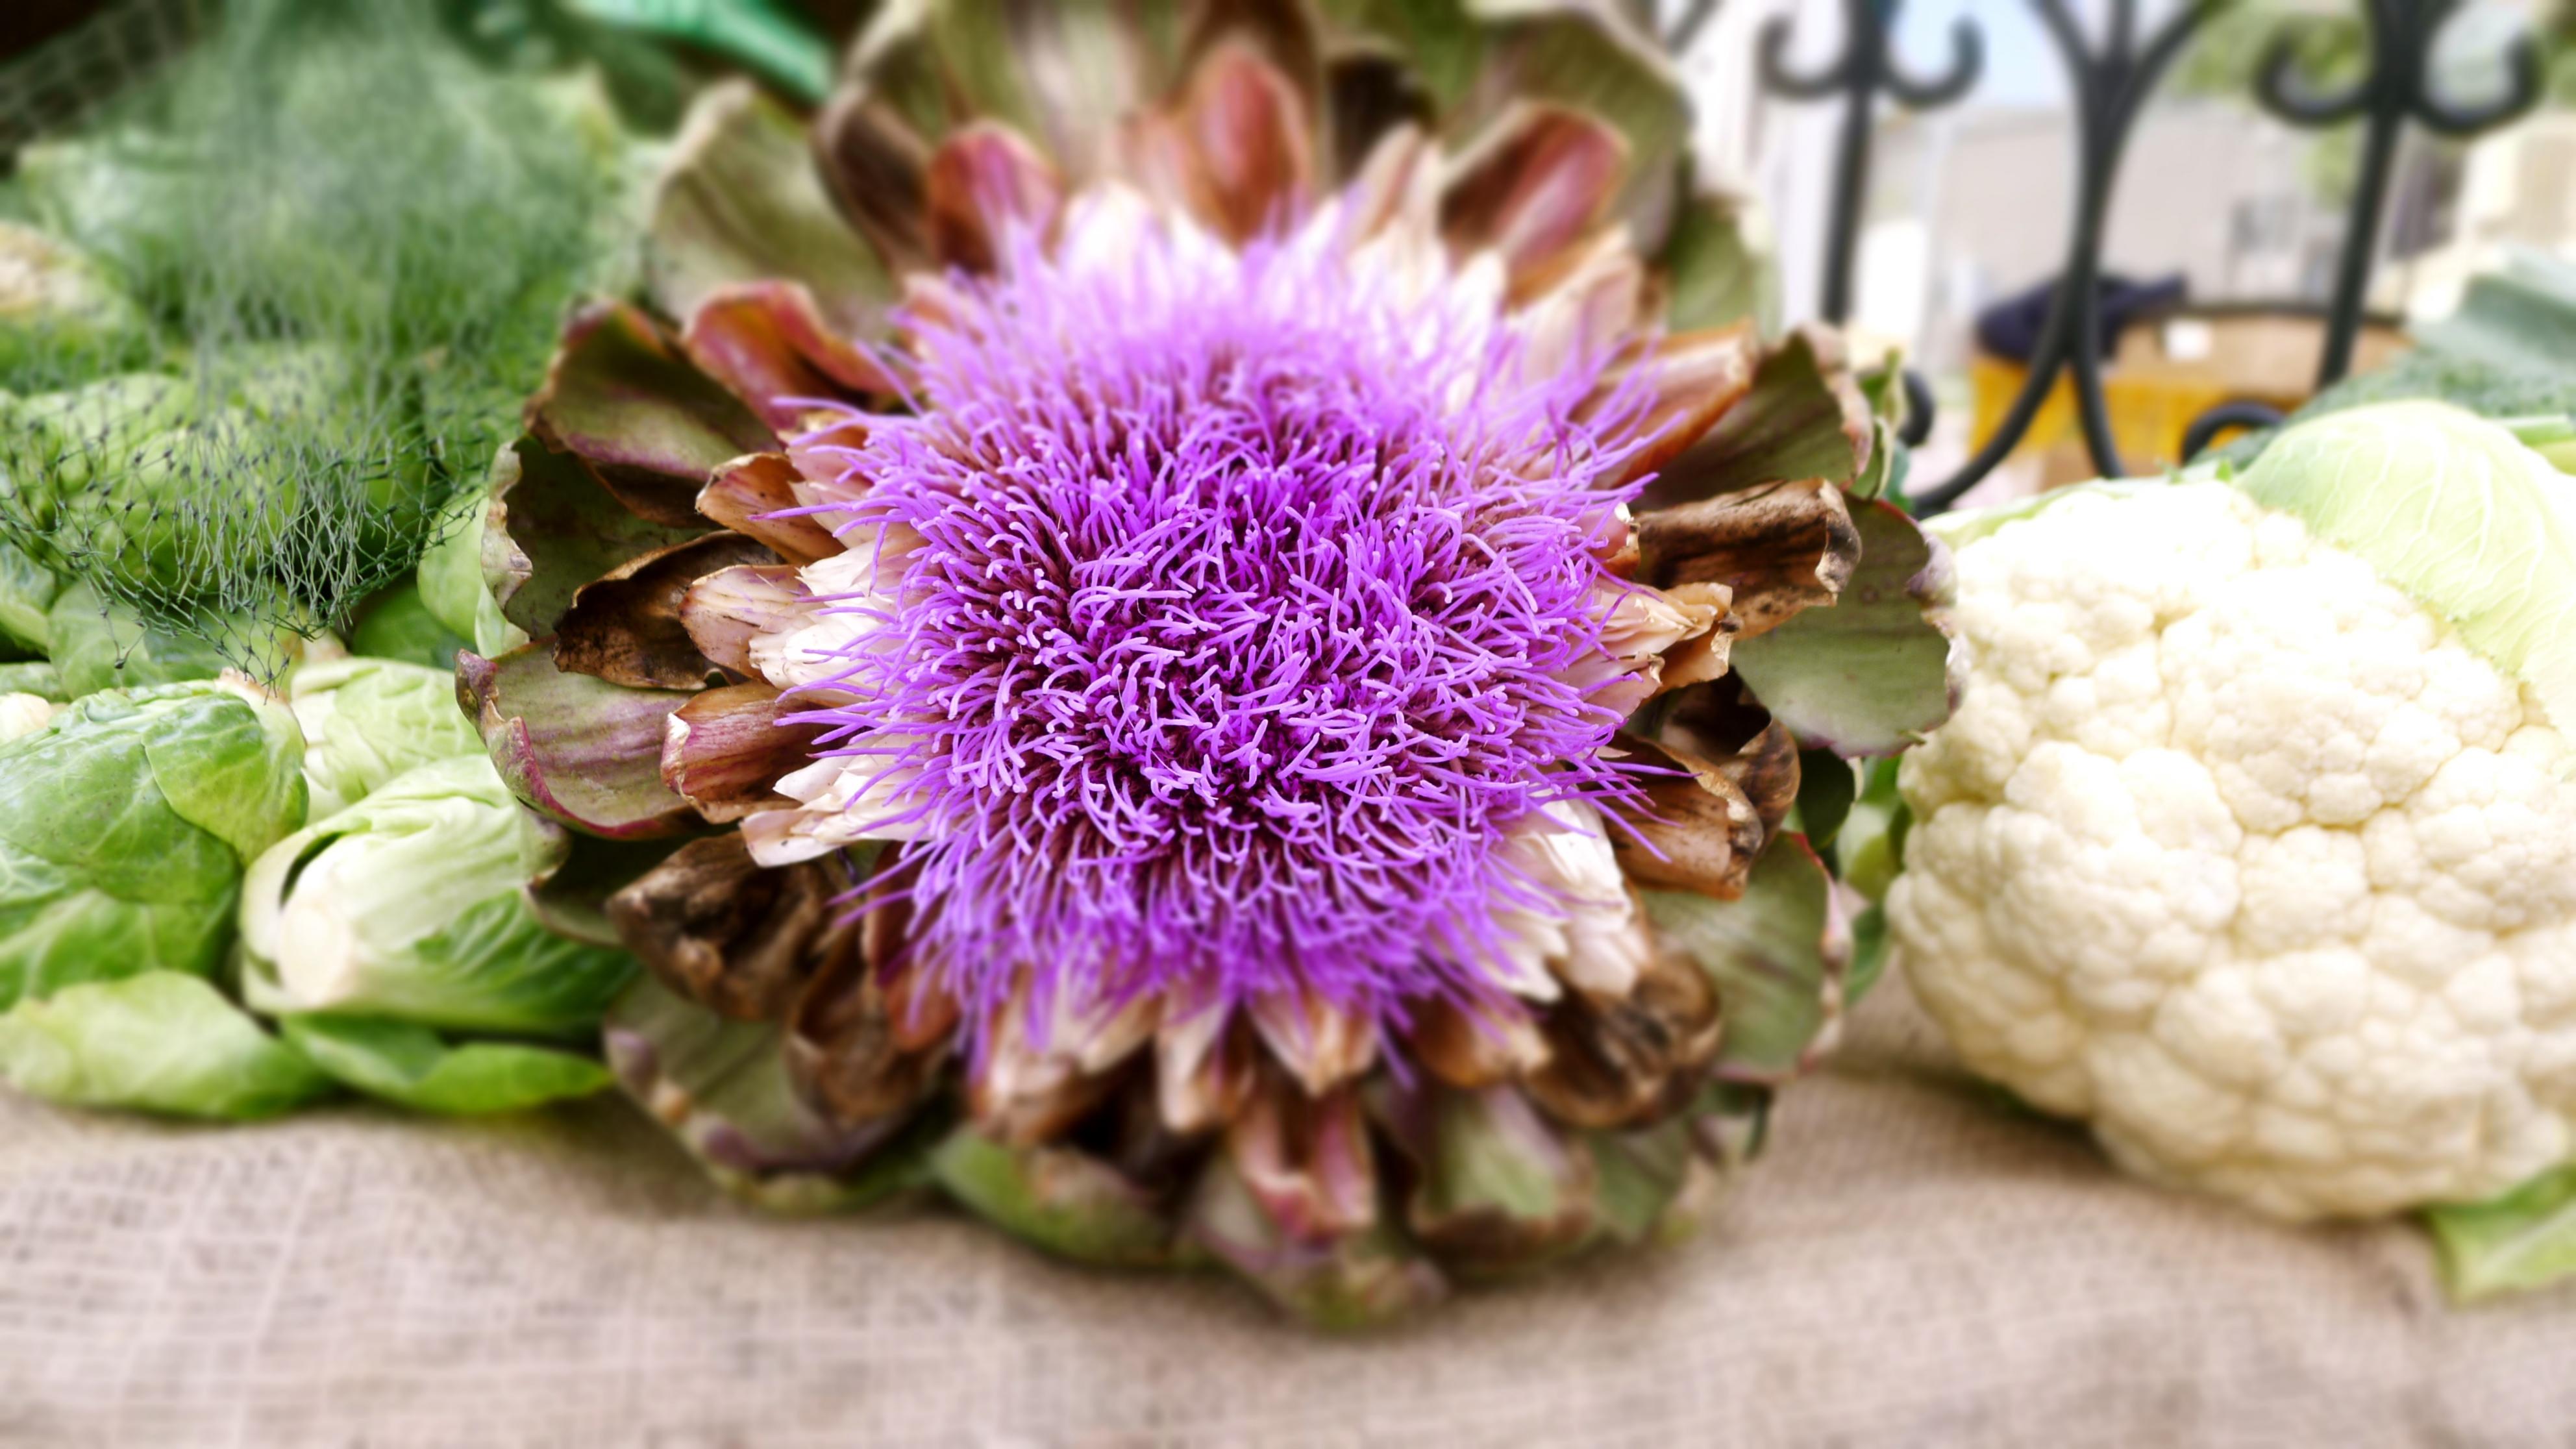 Flowered artichoke